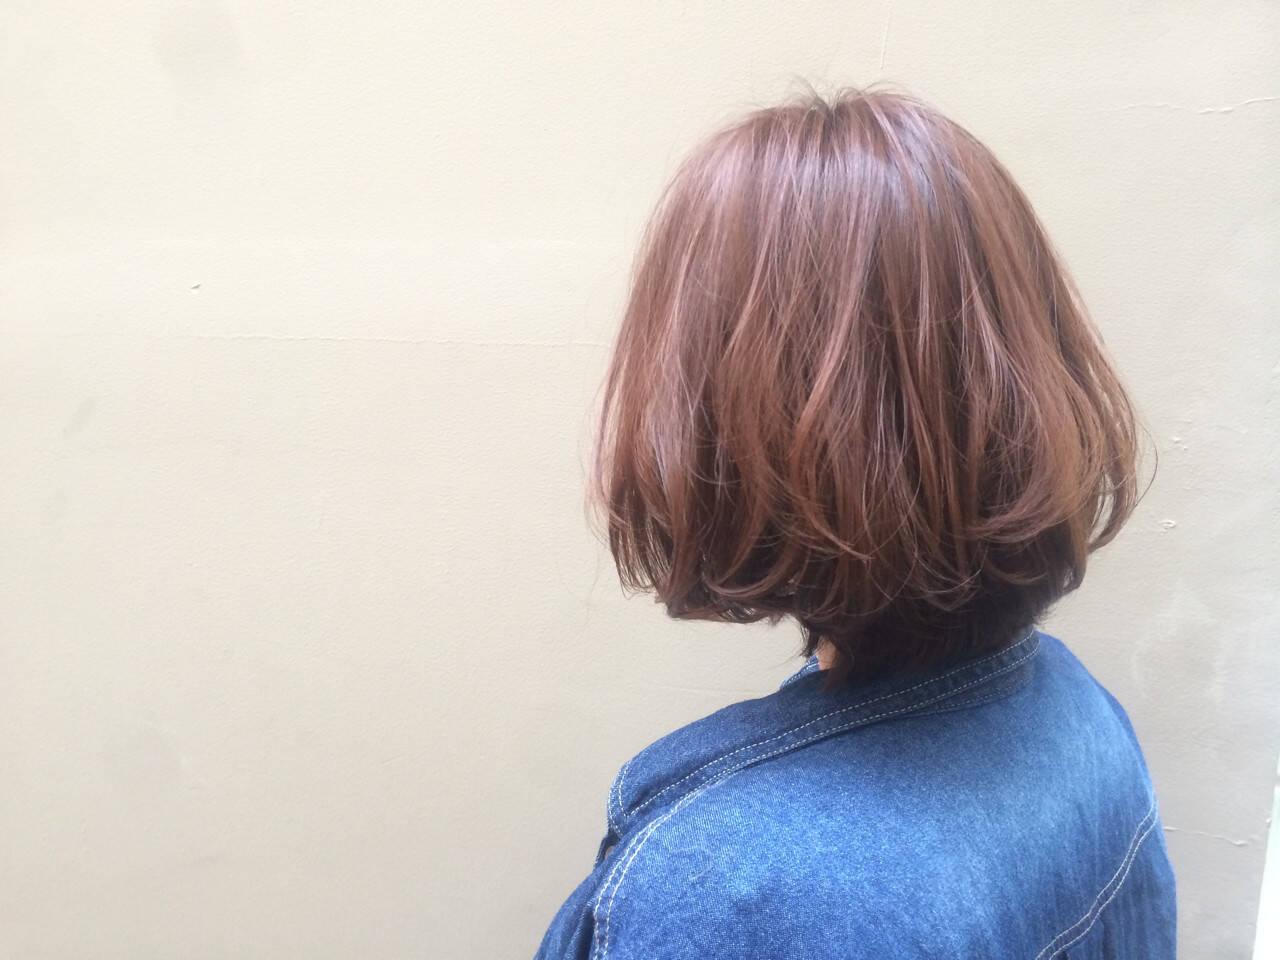 ナチュラル イルミナカラー ボブ 艶髪ヘアスタイルや髪型の写真・画像